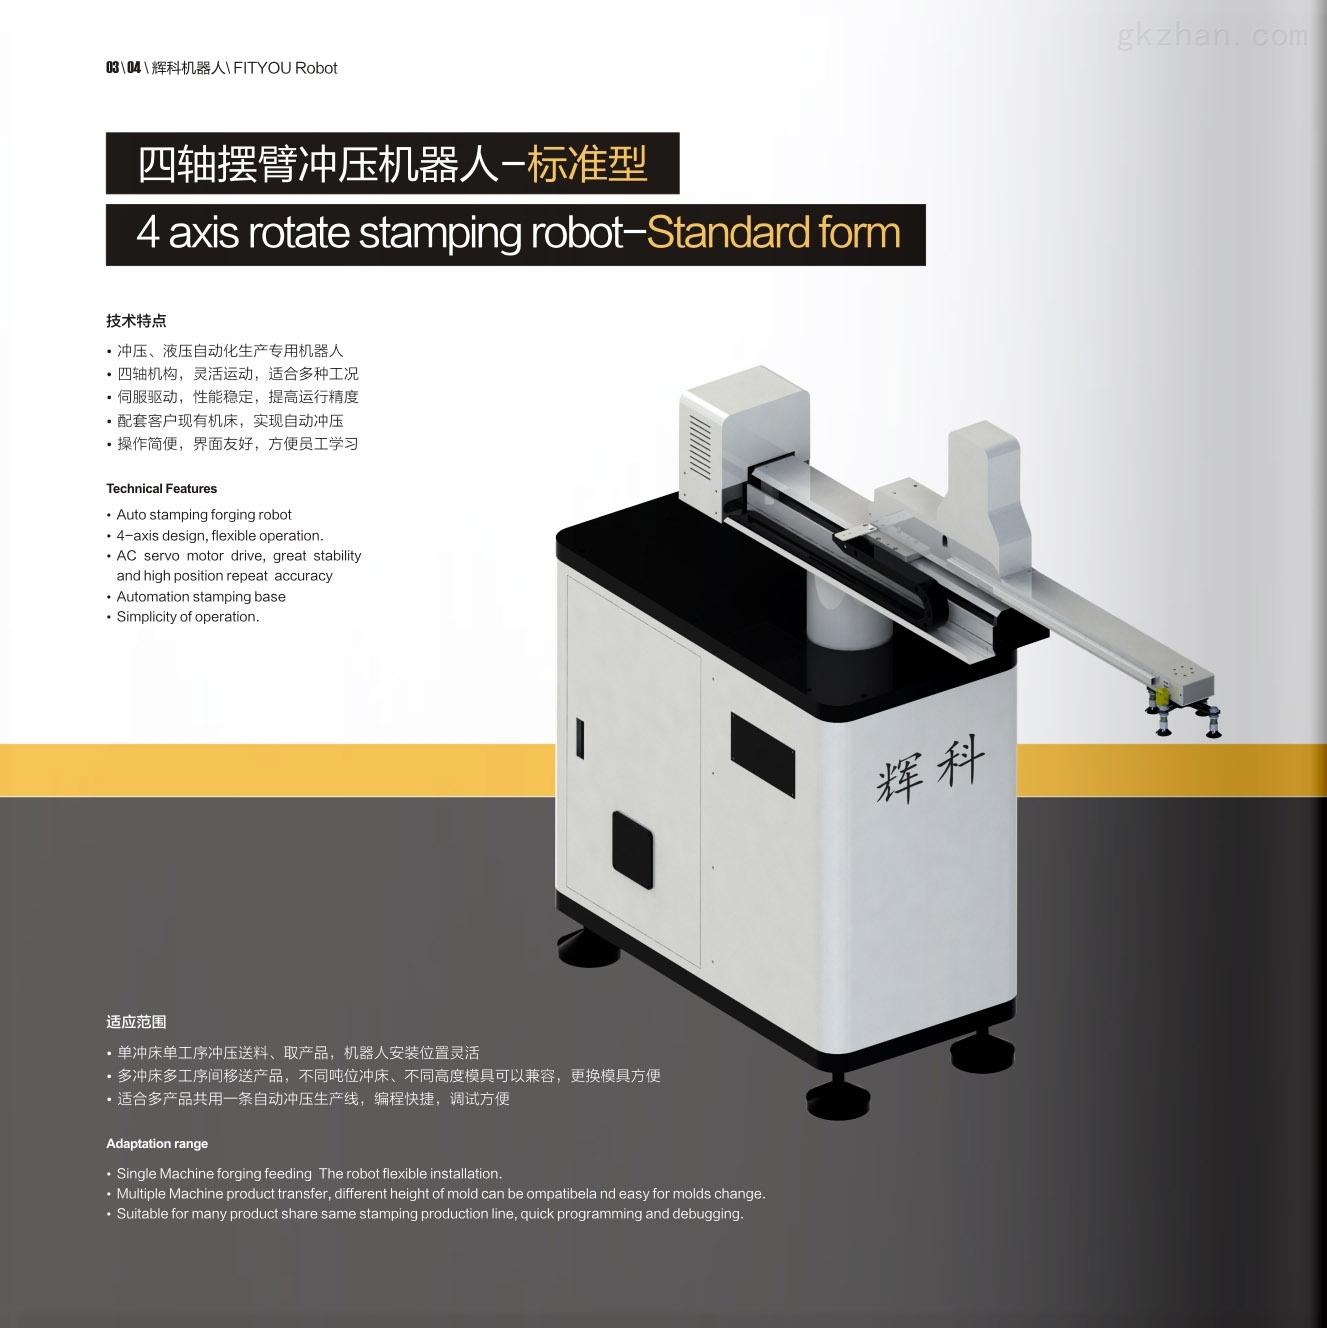 四轴摆臂冲压机器人,,辉科自动化设备